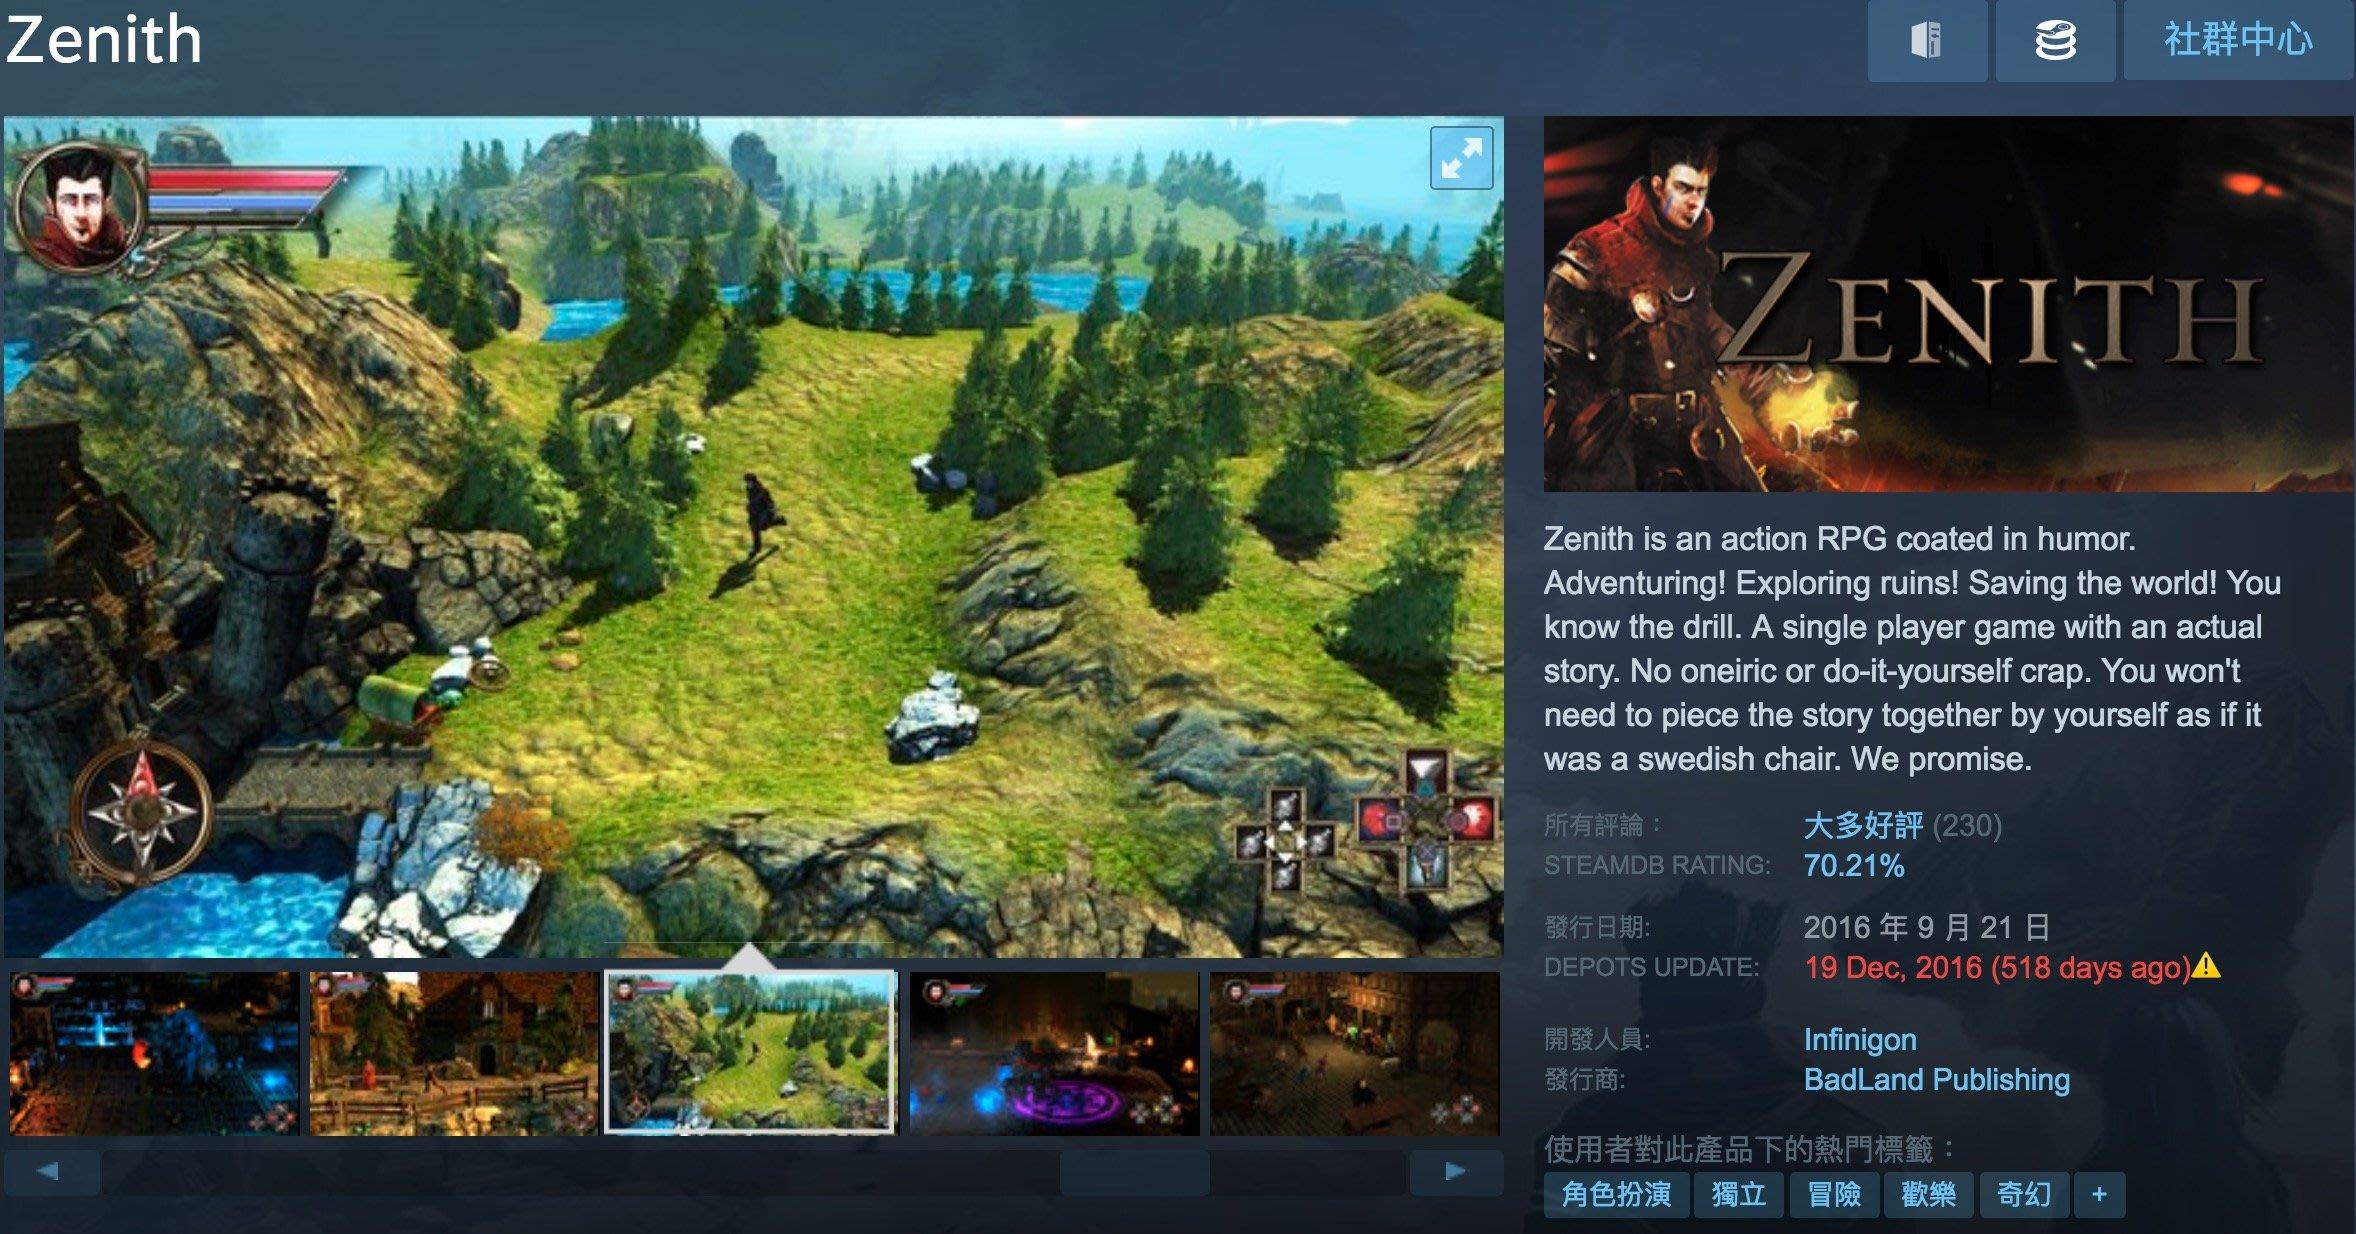 超商繳費 穹顶 穹頂 頂點 Zenith Steam PC 台灣正版序號 免帳密